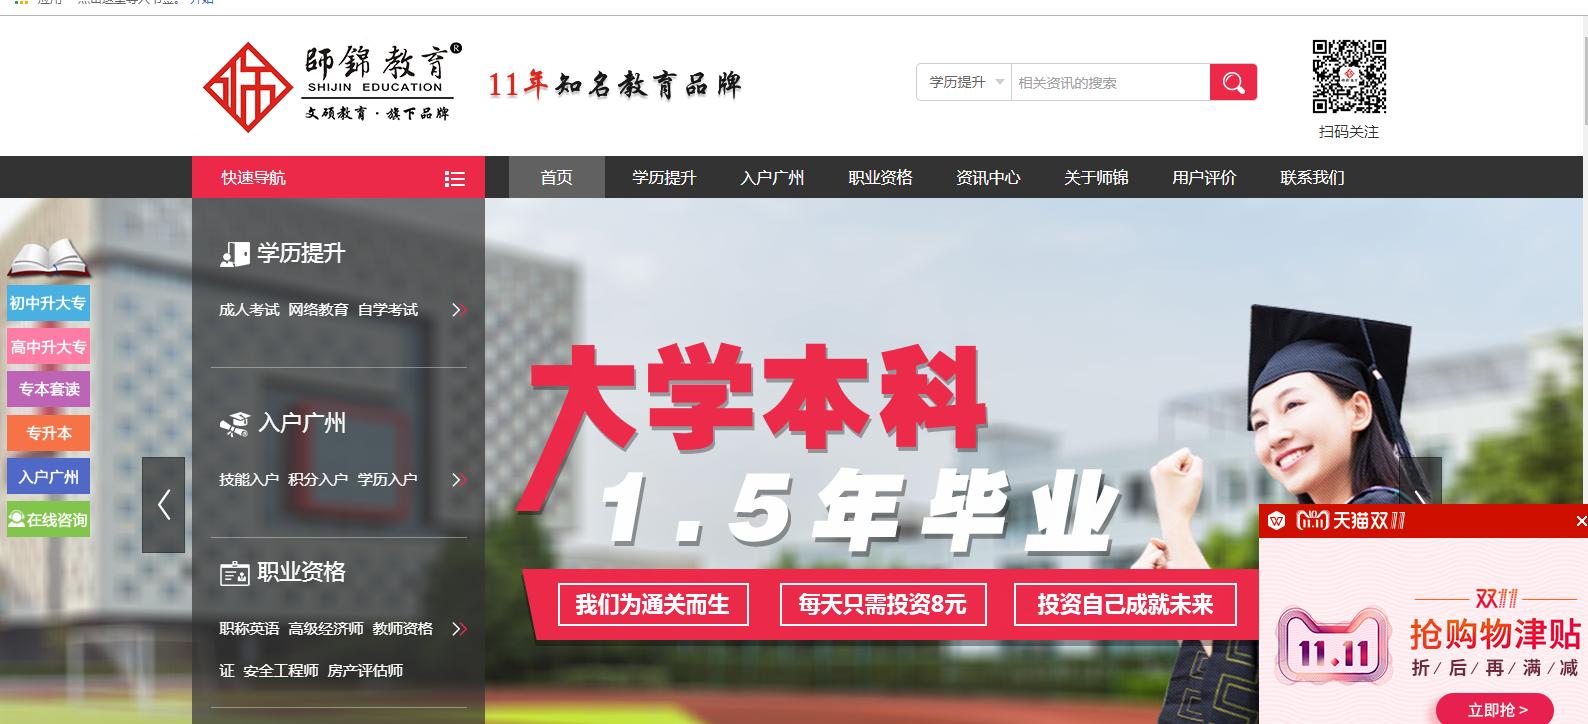 广州学历提升教育行业第五人格来源未知的邮件后续案例